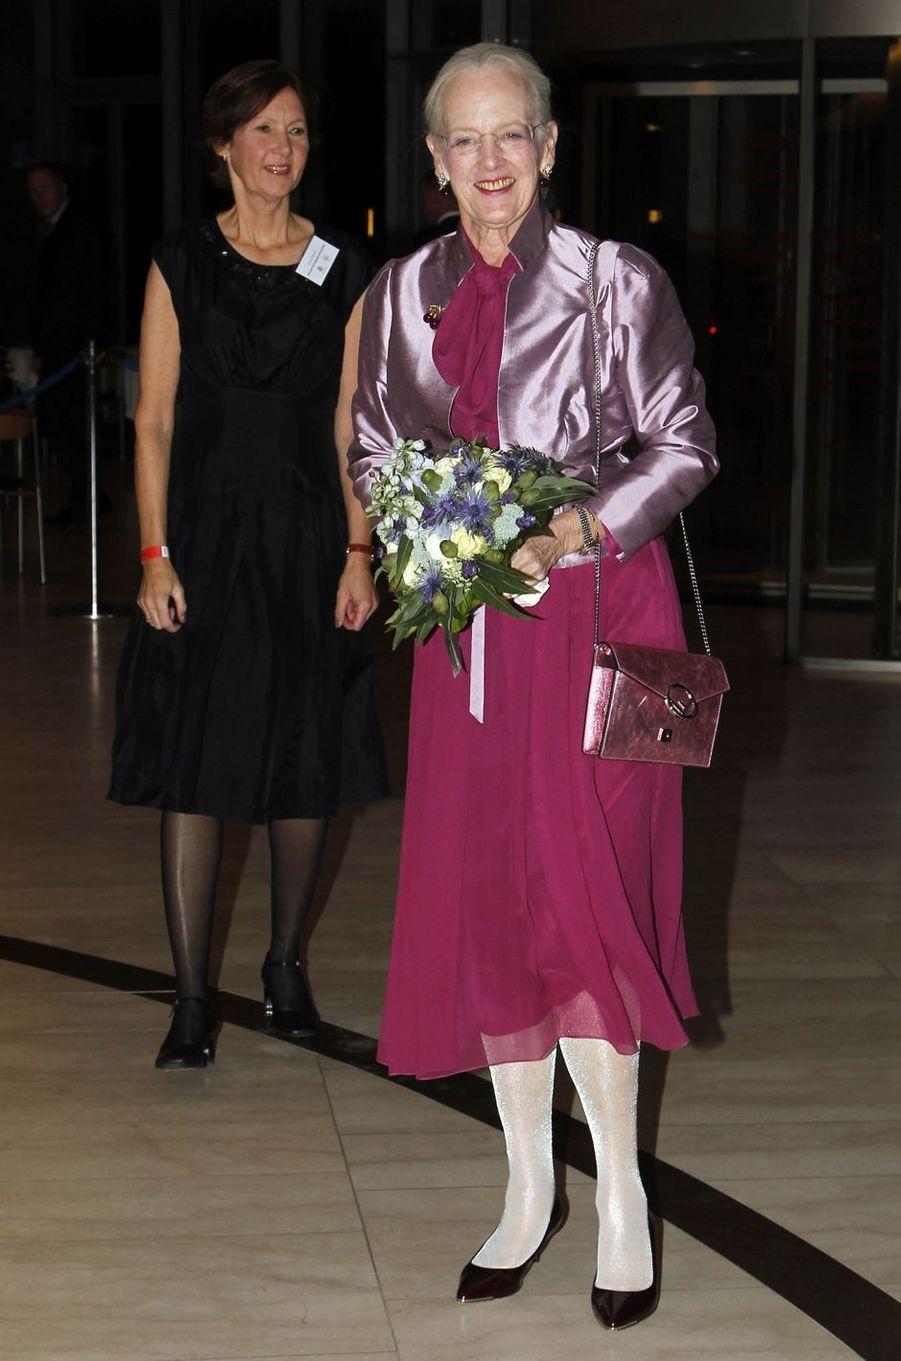 La reine Margrethe II de Danemark à Copenhague, le 10 octobre 2018